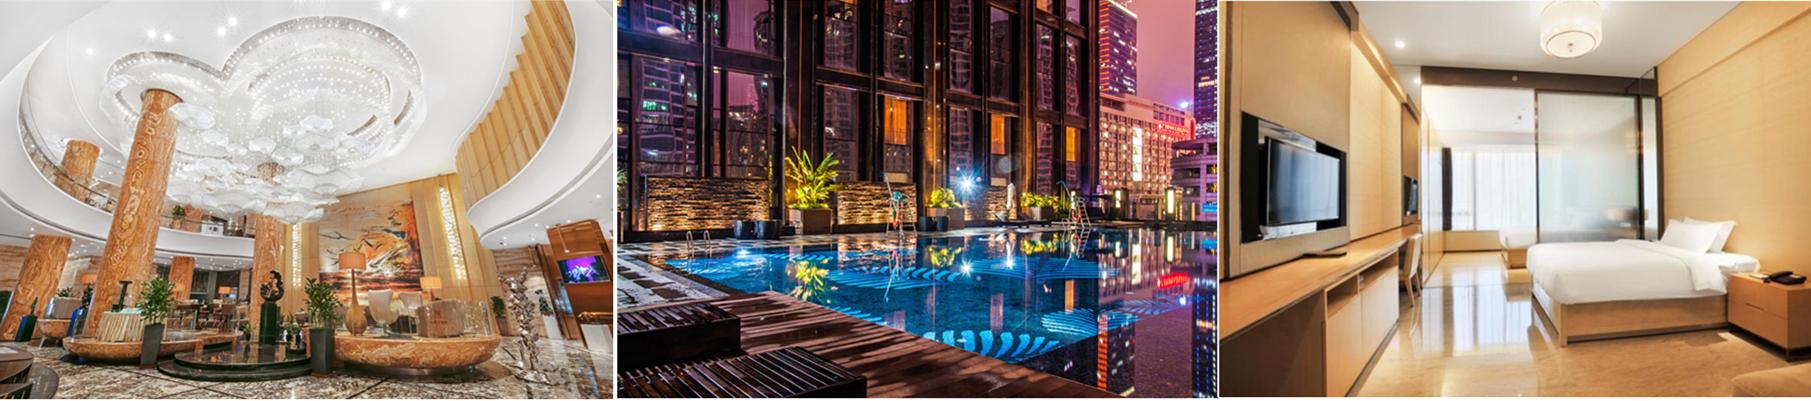 Vaperser Hotel Guangzhou